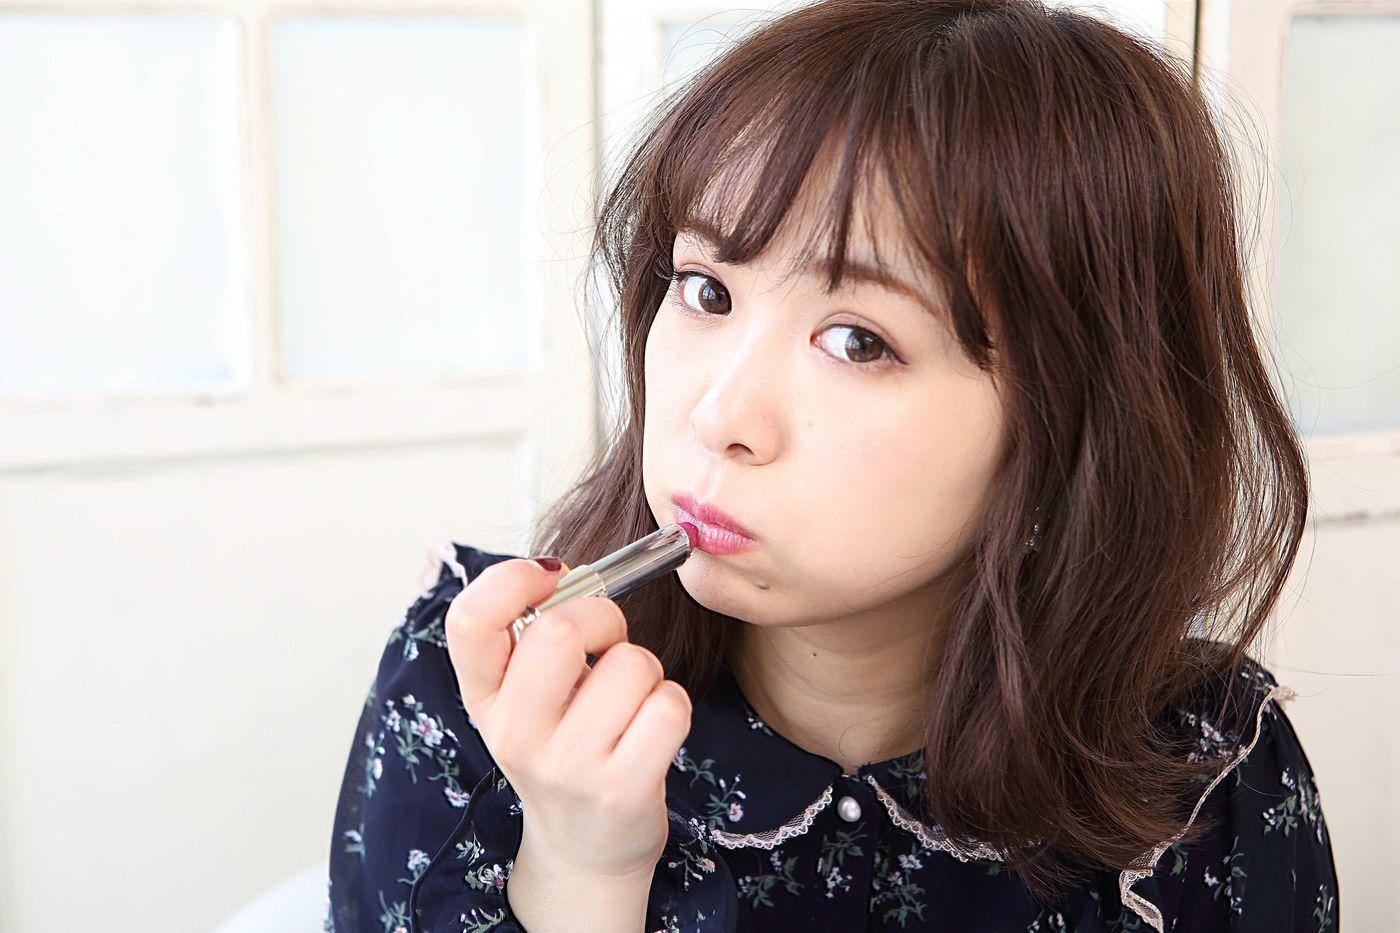 平松可奈子ちゃんの美容法♡変わらない可愛さと強いメンタルの秘密の8枚目の画像